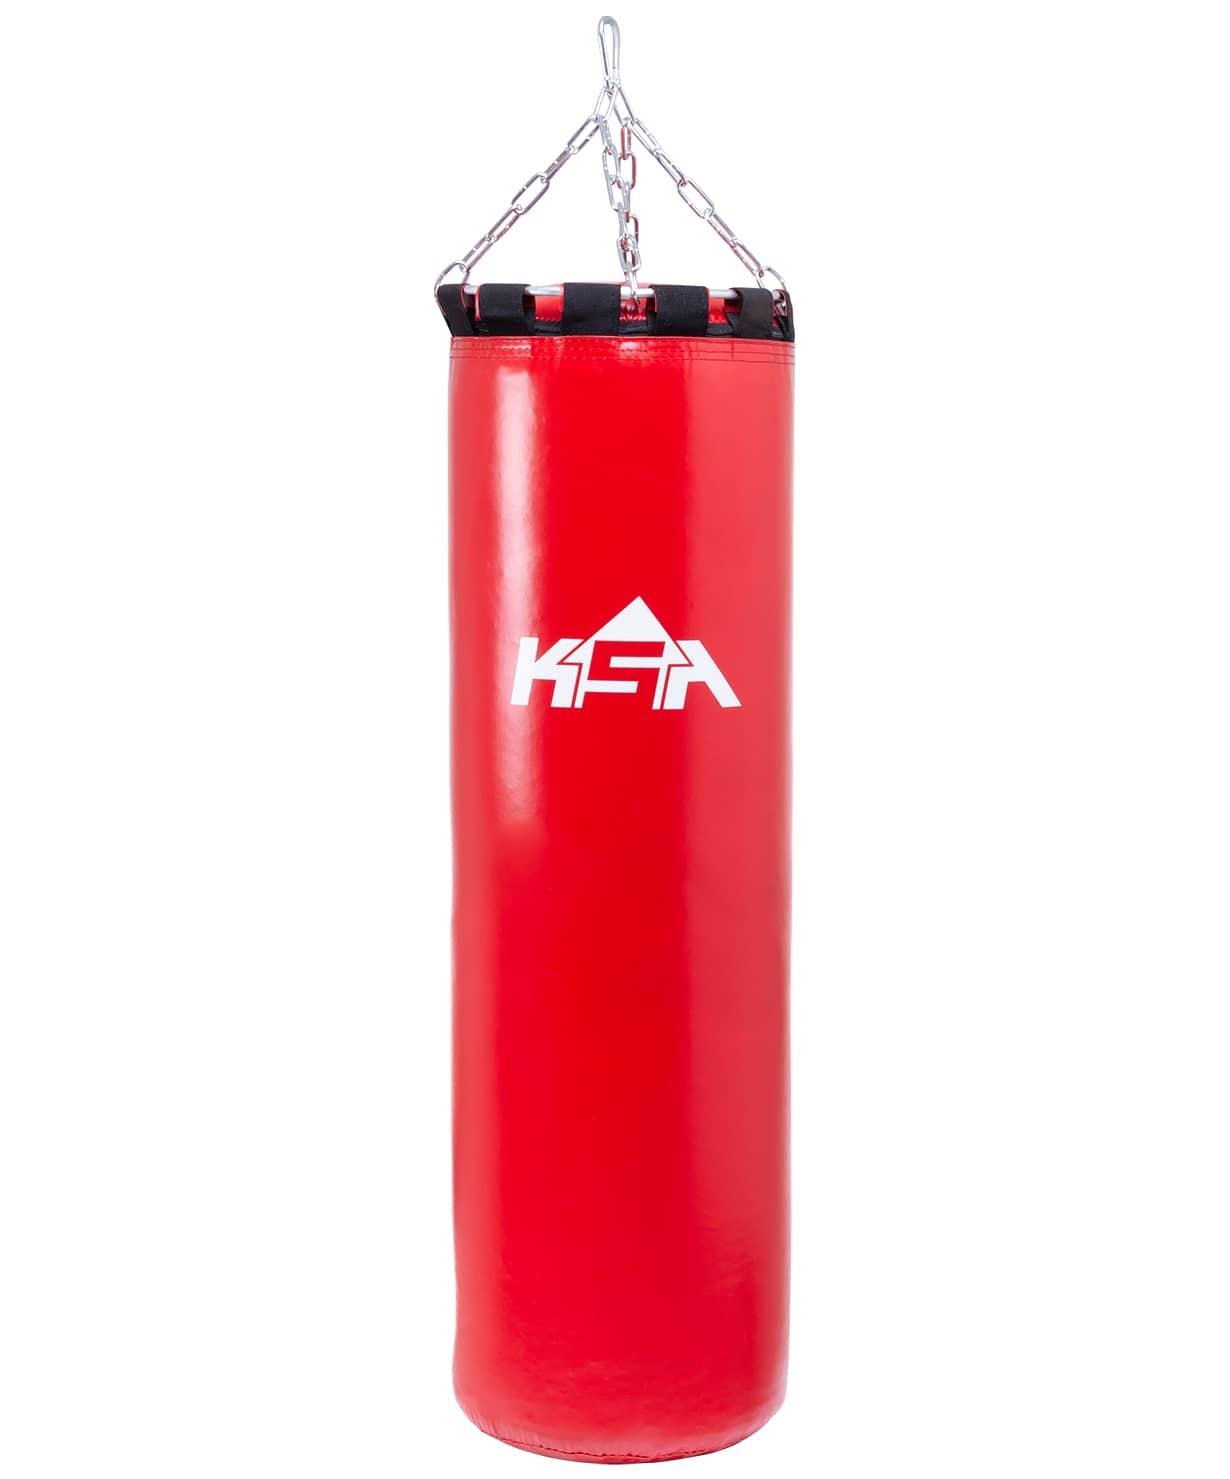 Мешок боксерский PB-01, 140 см, 70 кг, тент, красный